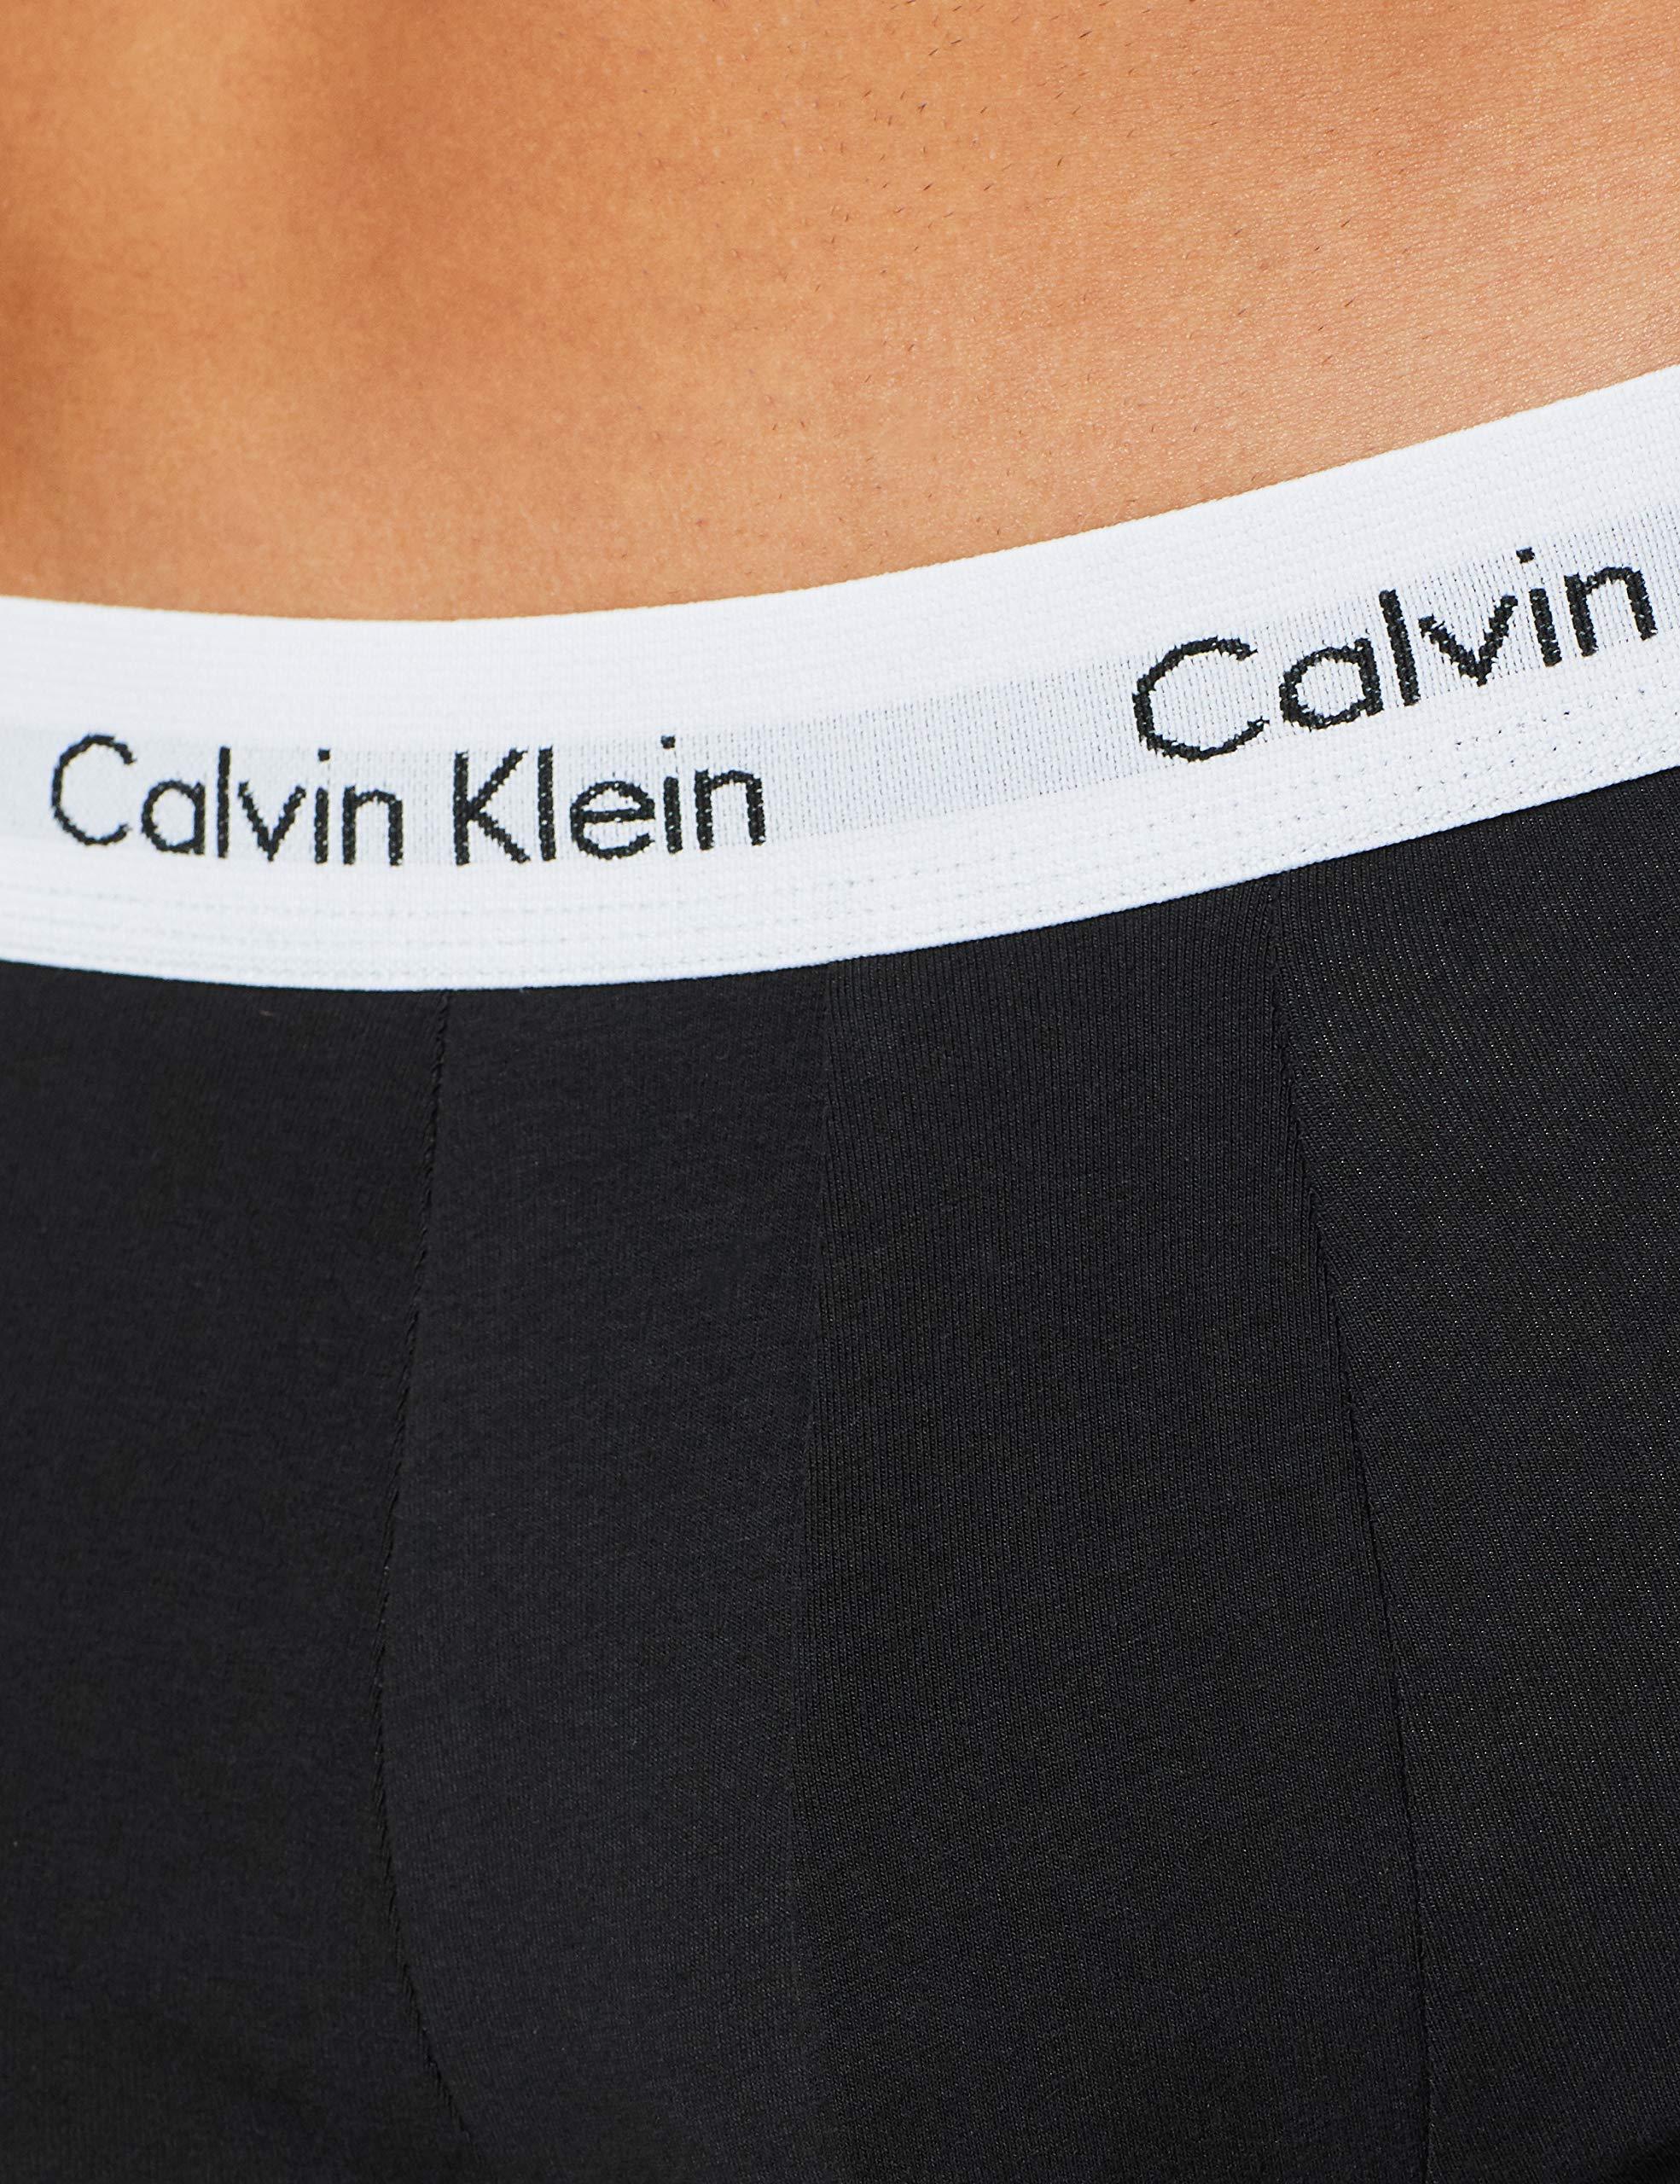 Calvin Klein Underwear Cotton Stretch Boxer (Pacco da 3) Uomo 5 spesavip